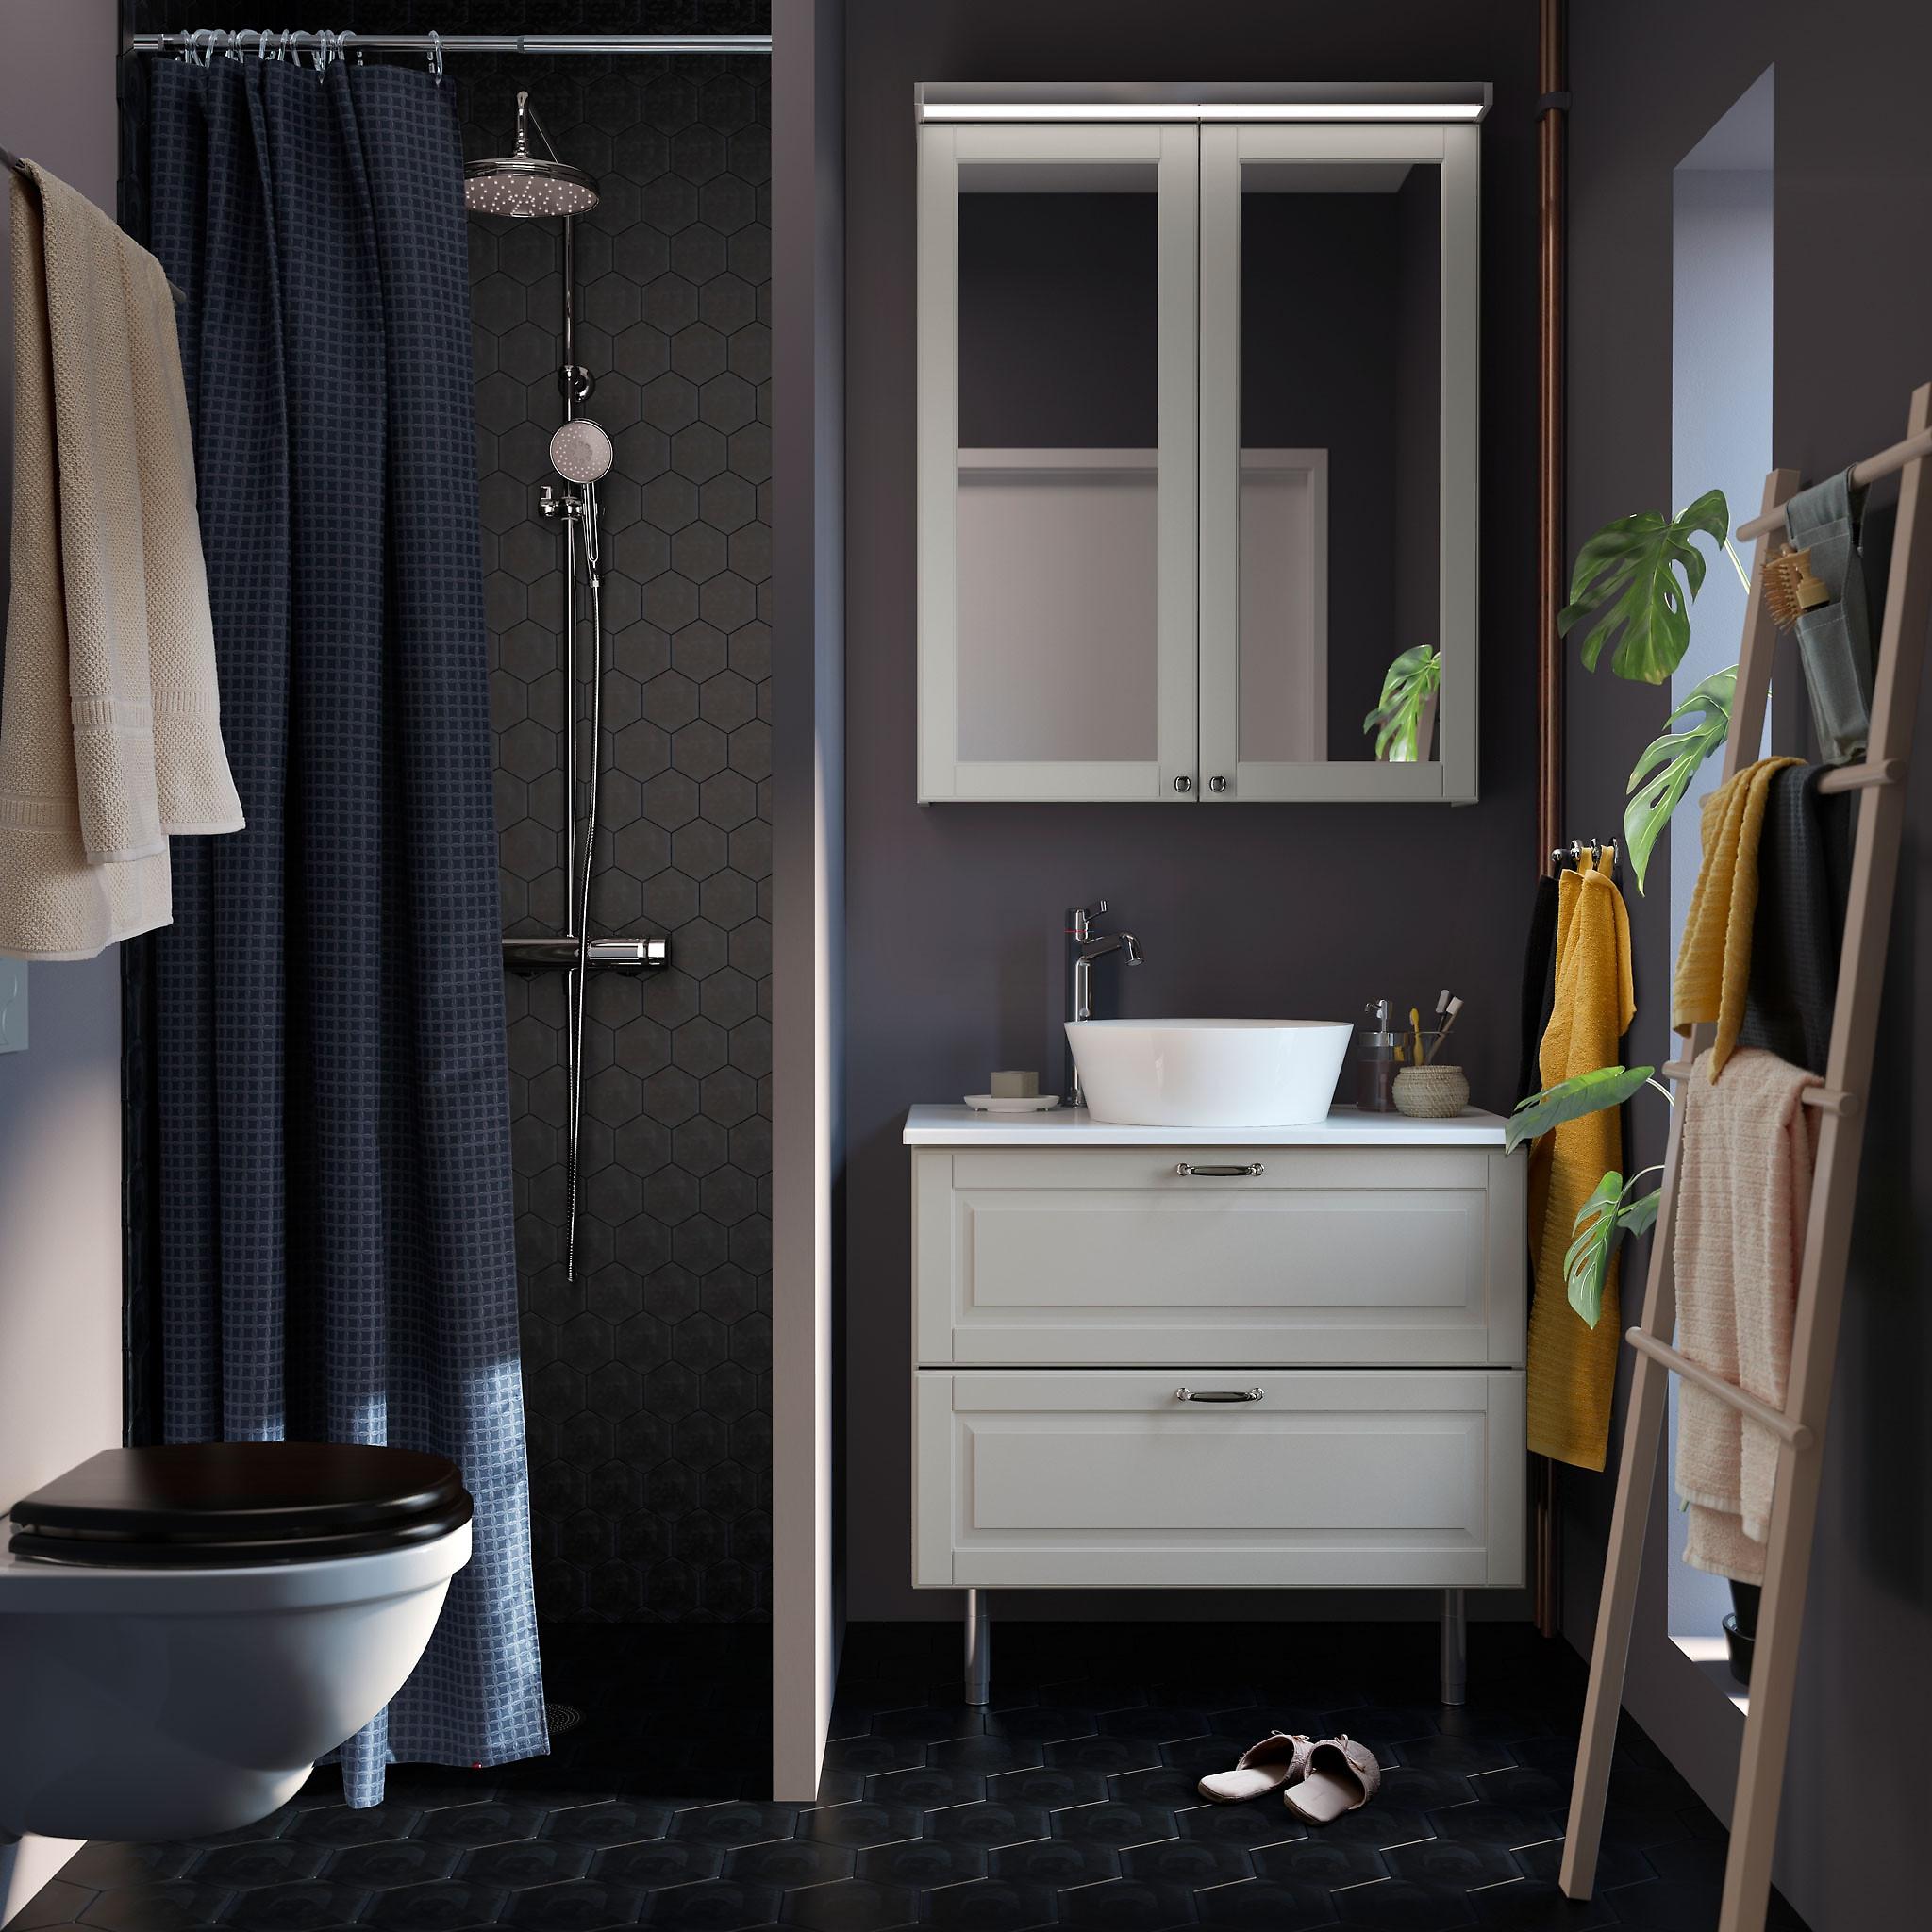 Salle De Bain Image 10 idées pour une salle de bain stylée | madame décore